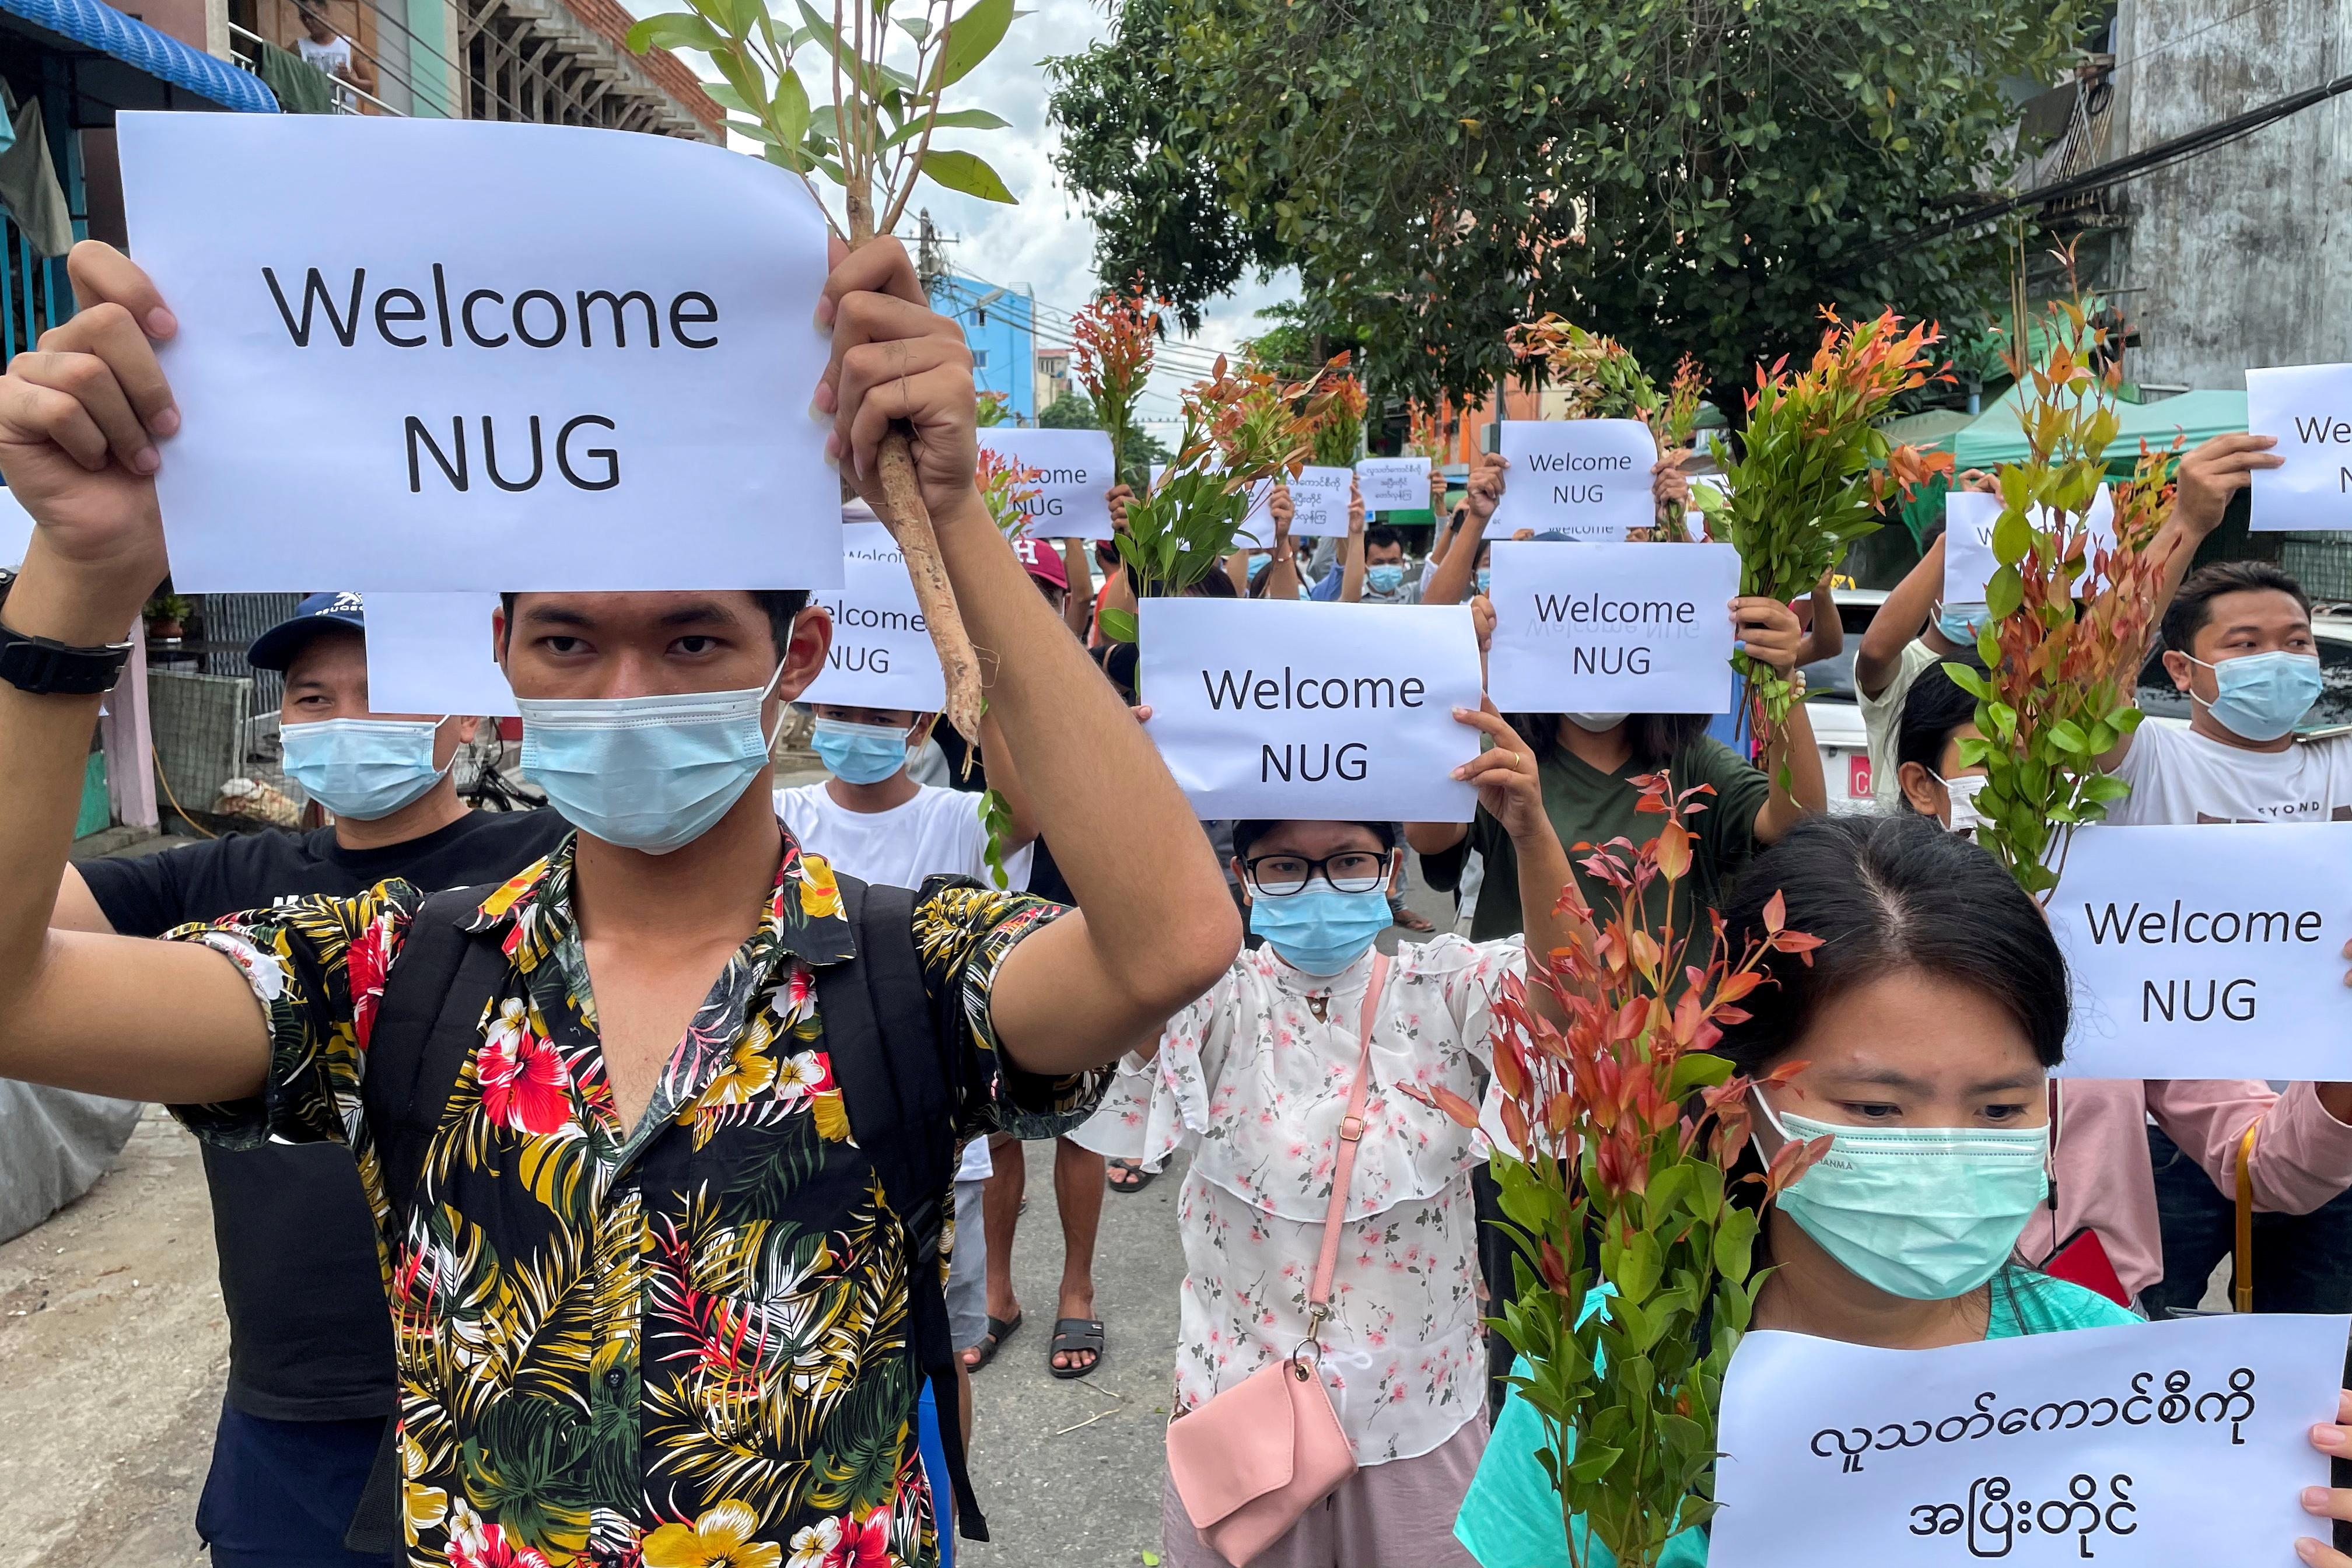 Pengunjuk rasa anti-pemerintah memegang plakat untuk menunjukkan dukungan mereka dan menyambut Pemerintah Persatuan Nasional baru yang didirikan oleh legislator NLD yang digulingkan dan menyerukan untuk melanjutkan pemogokan dari tahun baru tradisional di Myanmar, di Yangon, Myanmar, 17 April 2021. REUTERS / Stringer /